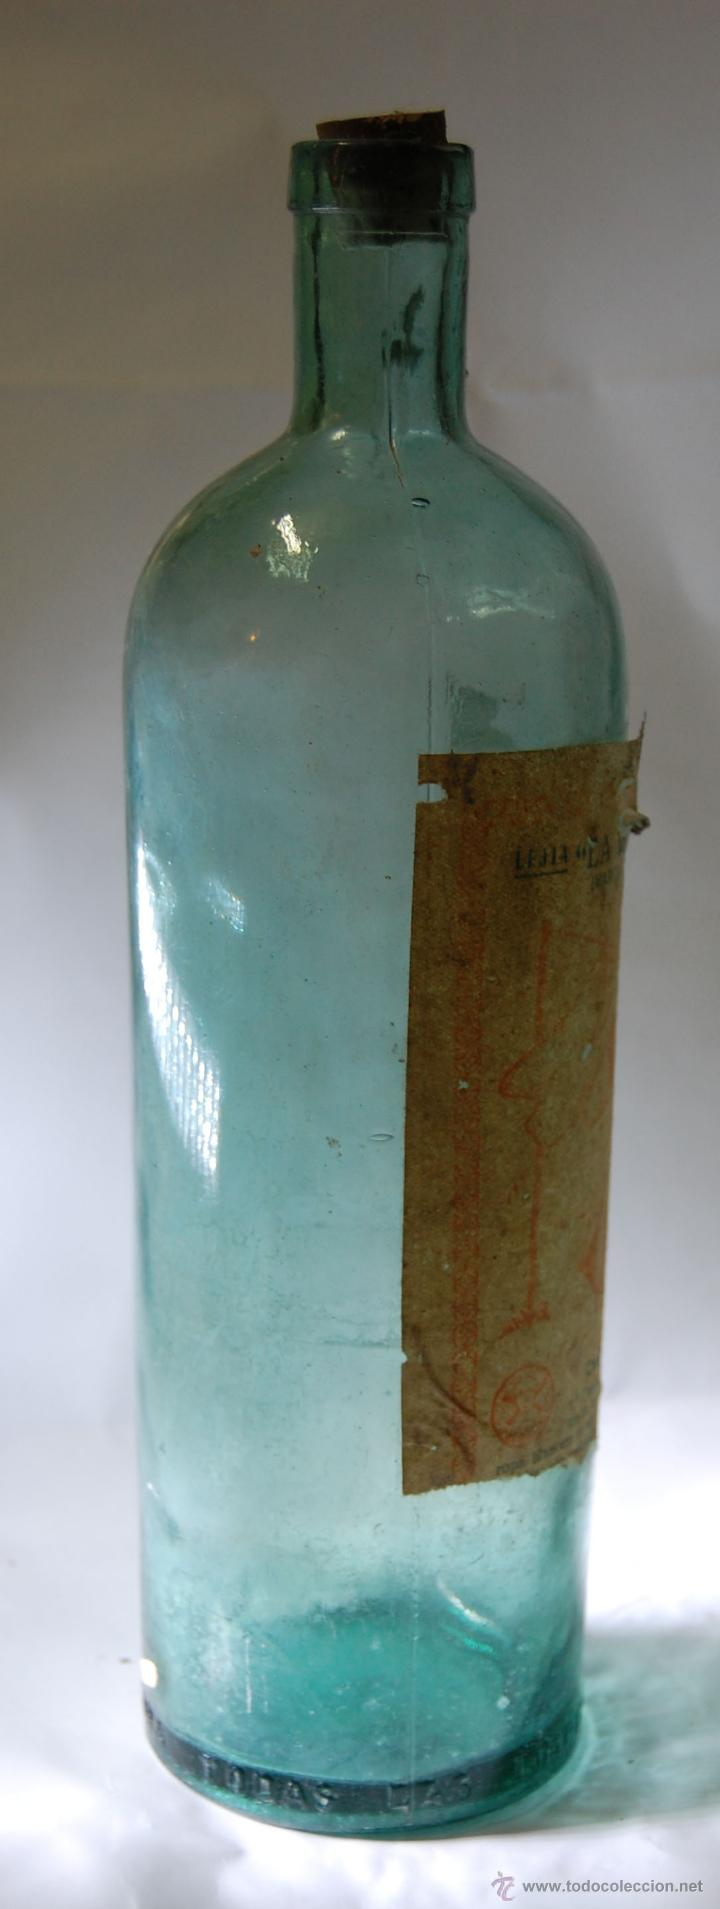 Botellas antiguas: BOTELLA DE LEJÍA LA VENCEDORA CRESPOSA A. GARCÍA // AÑOS 40 - Foto 3 - 51710568